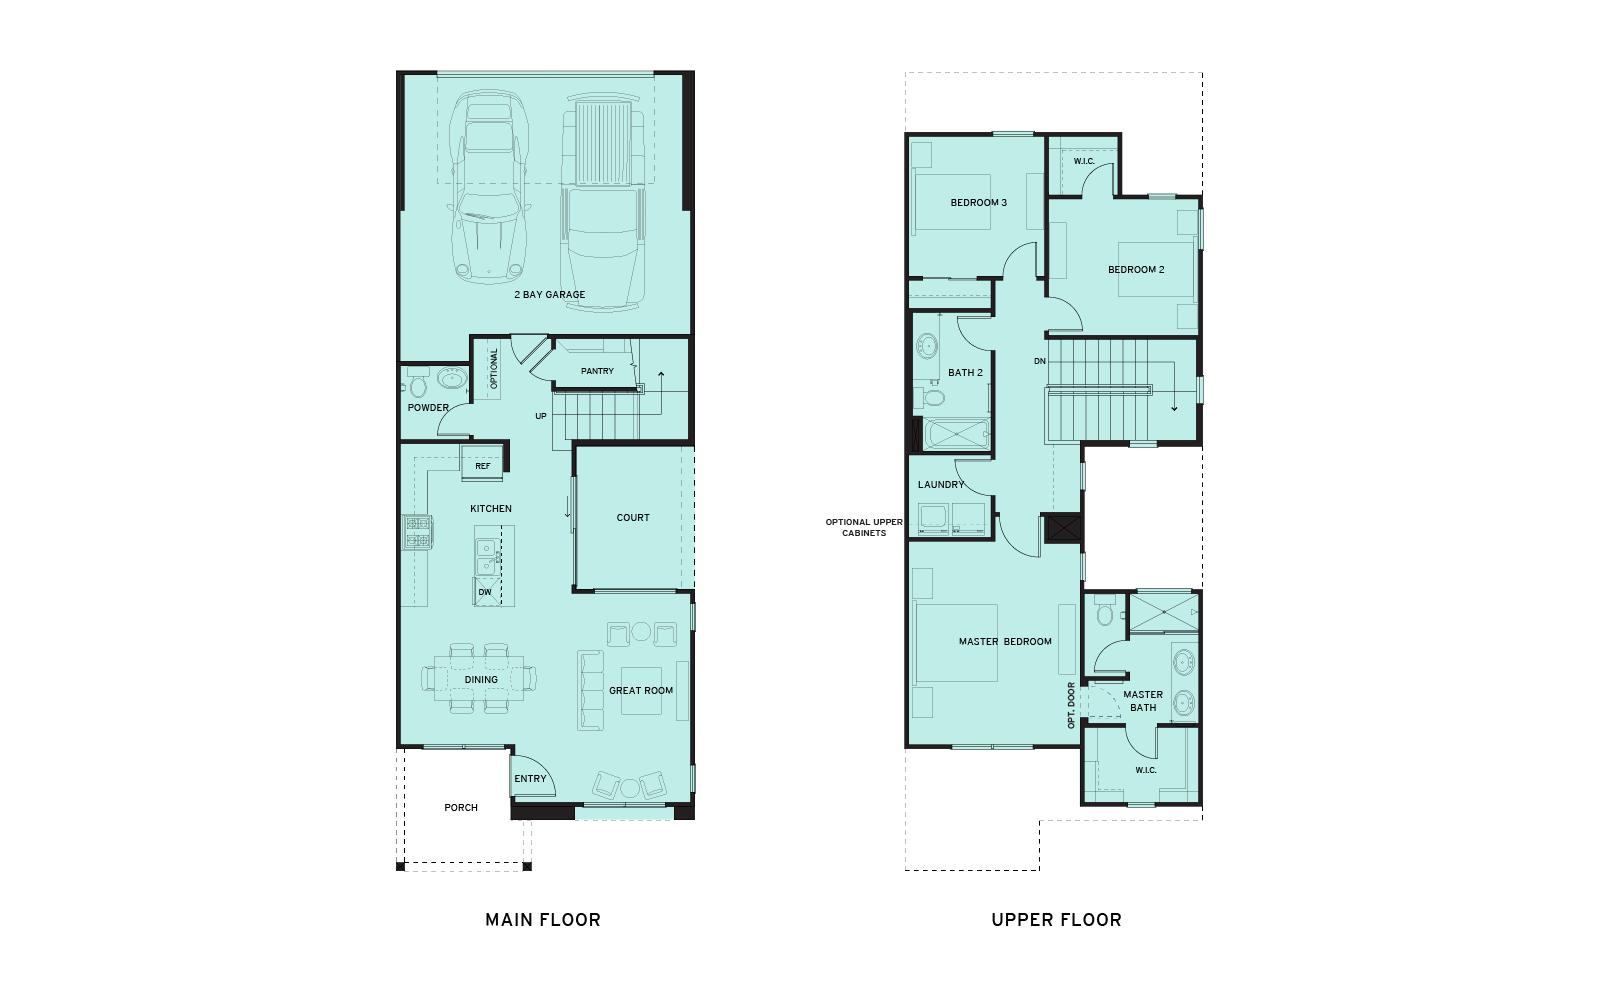 New Home Floorplans | New Homes Sacramento CA | Riverchase